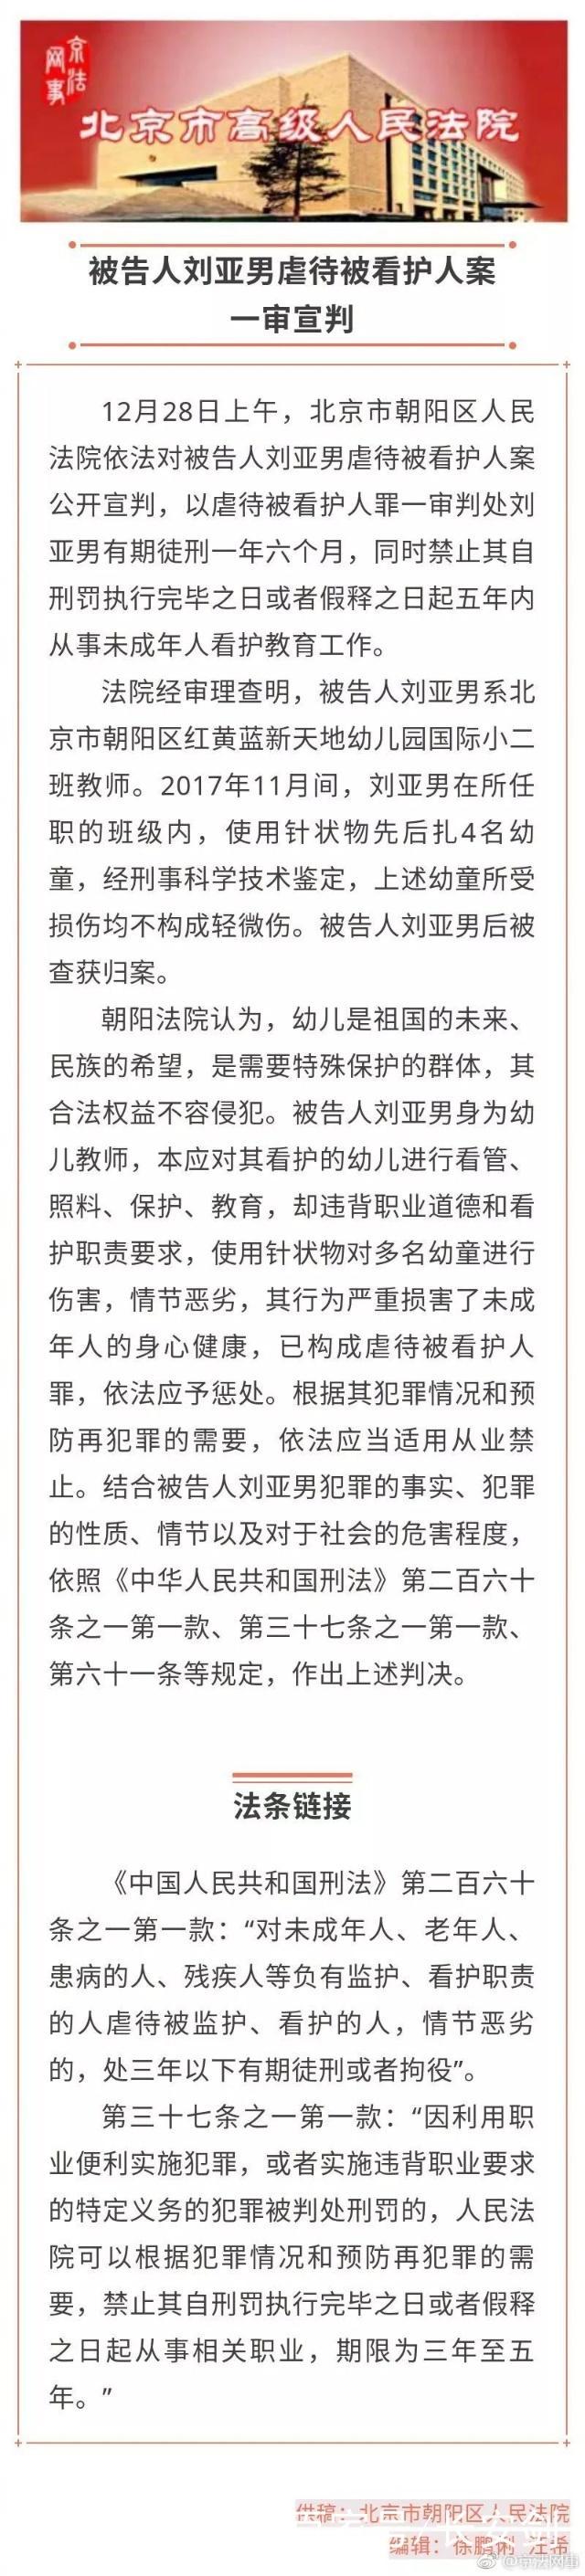 新宝GG注册登录:北京红黄蓝幼儿园虐童案一审宣判,获刑一年半